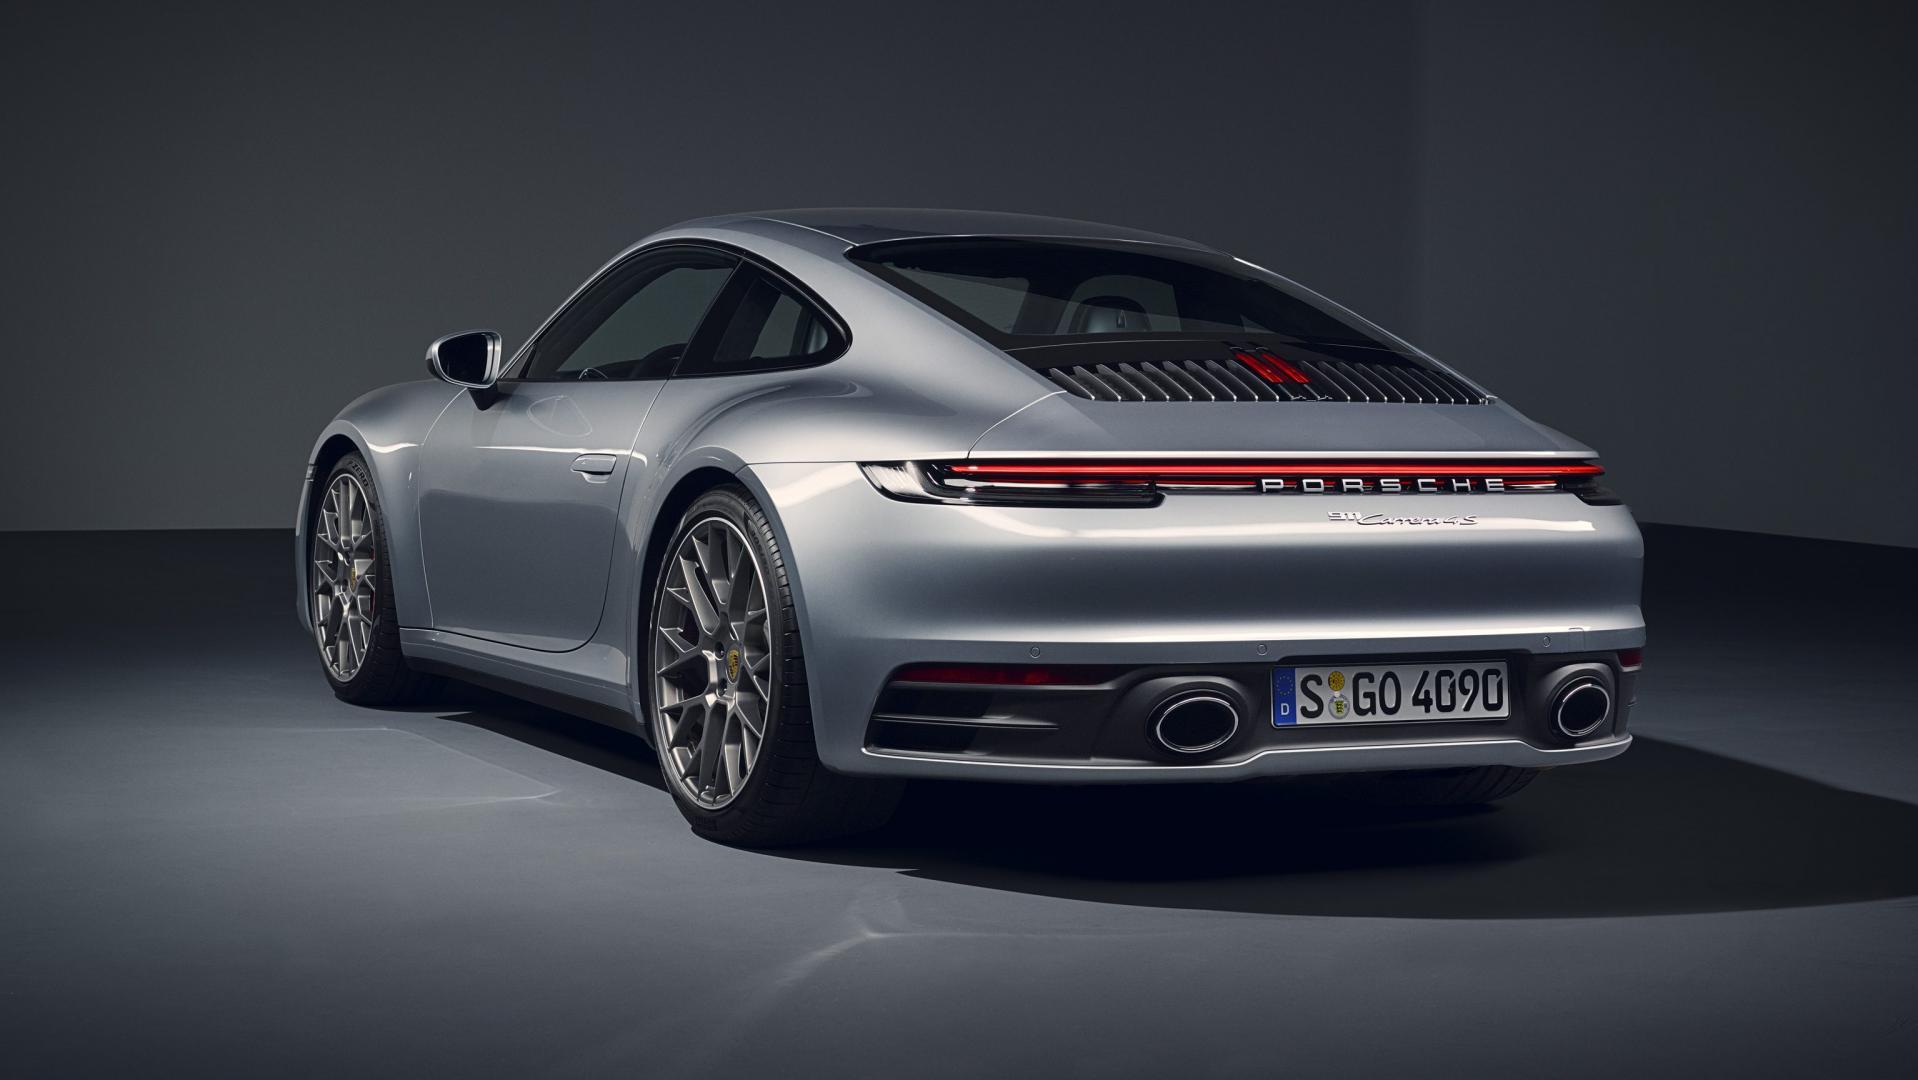 De Porsche 911 992 Is Officieel Topgear Nederland